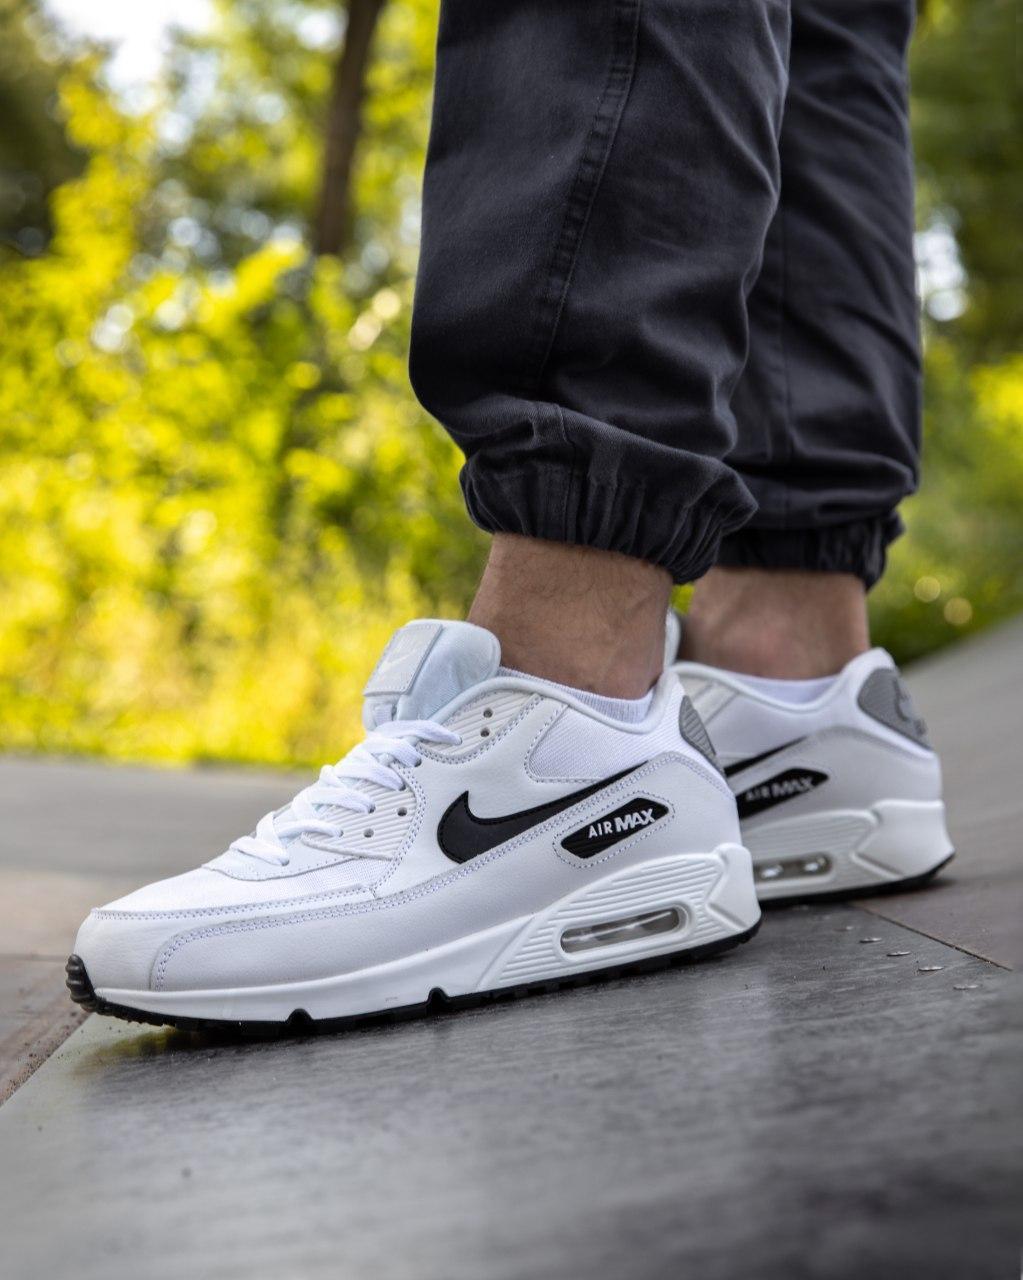 Кросівки чоловічі NIKE AIR MAX 90 білі М0159